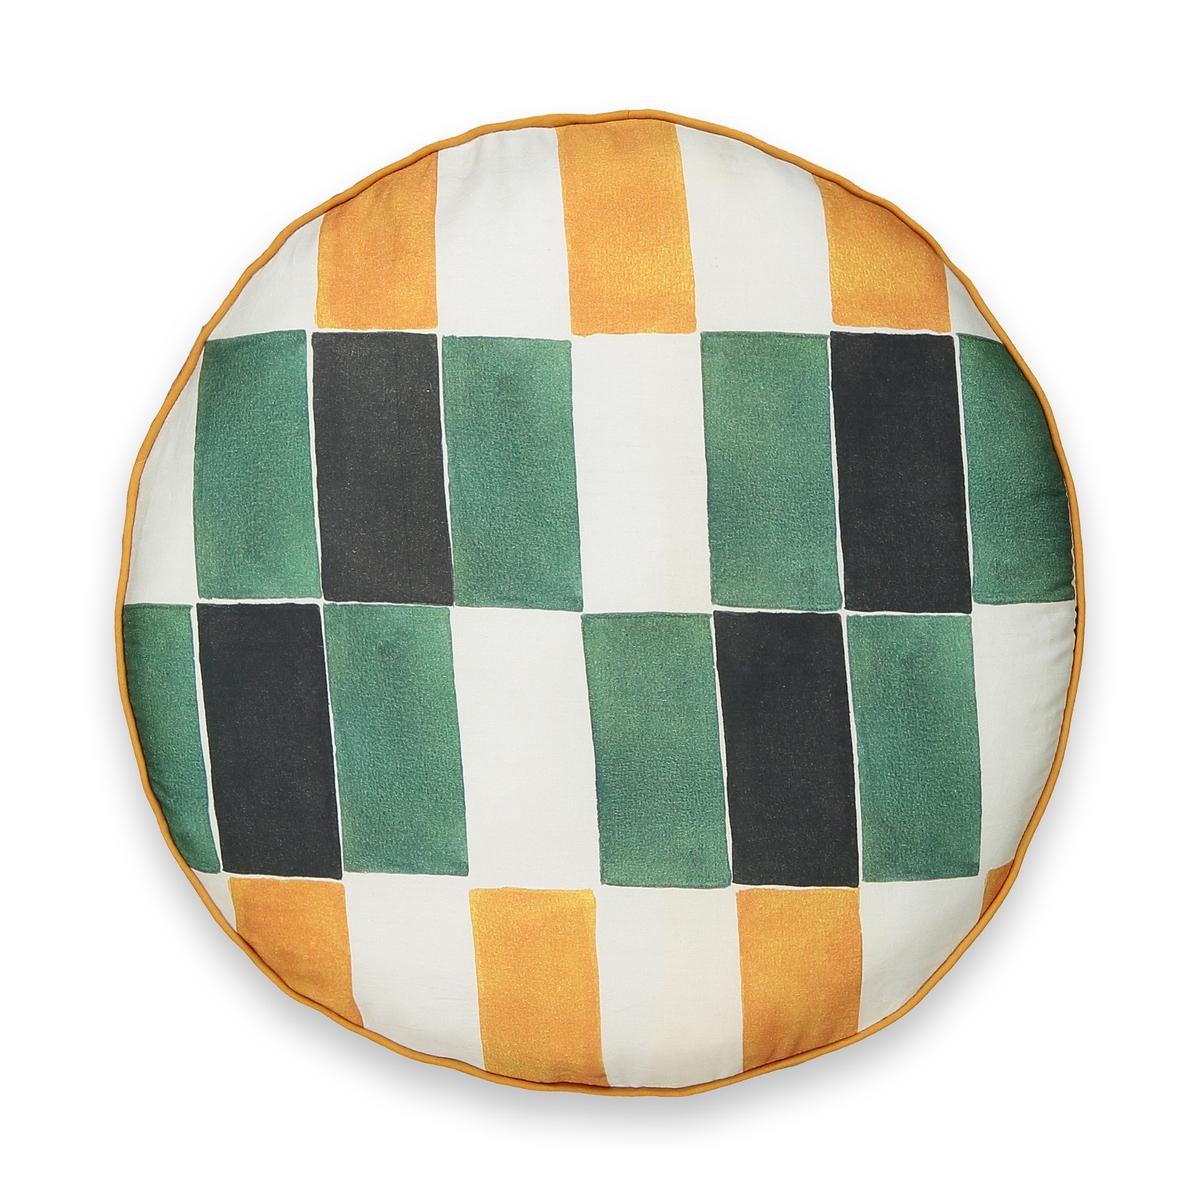 Подушка круглая, дизайн Генриетты Х. Янсен jan jansen высокие кеды